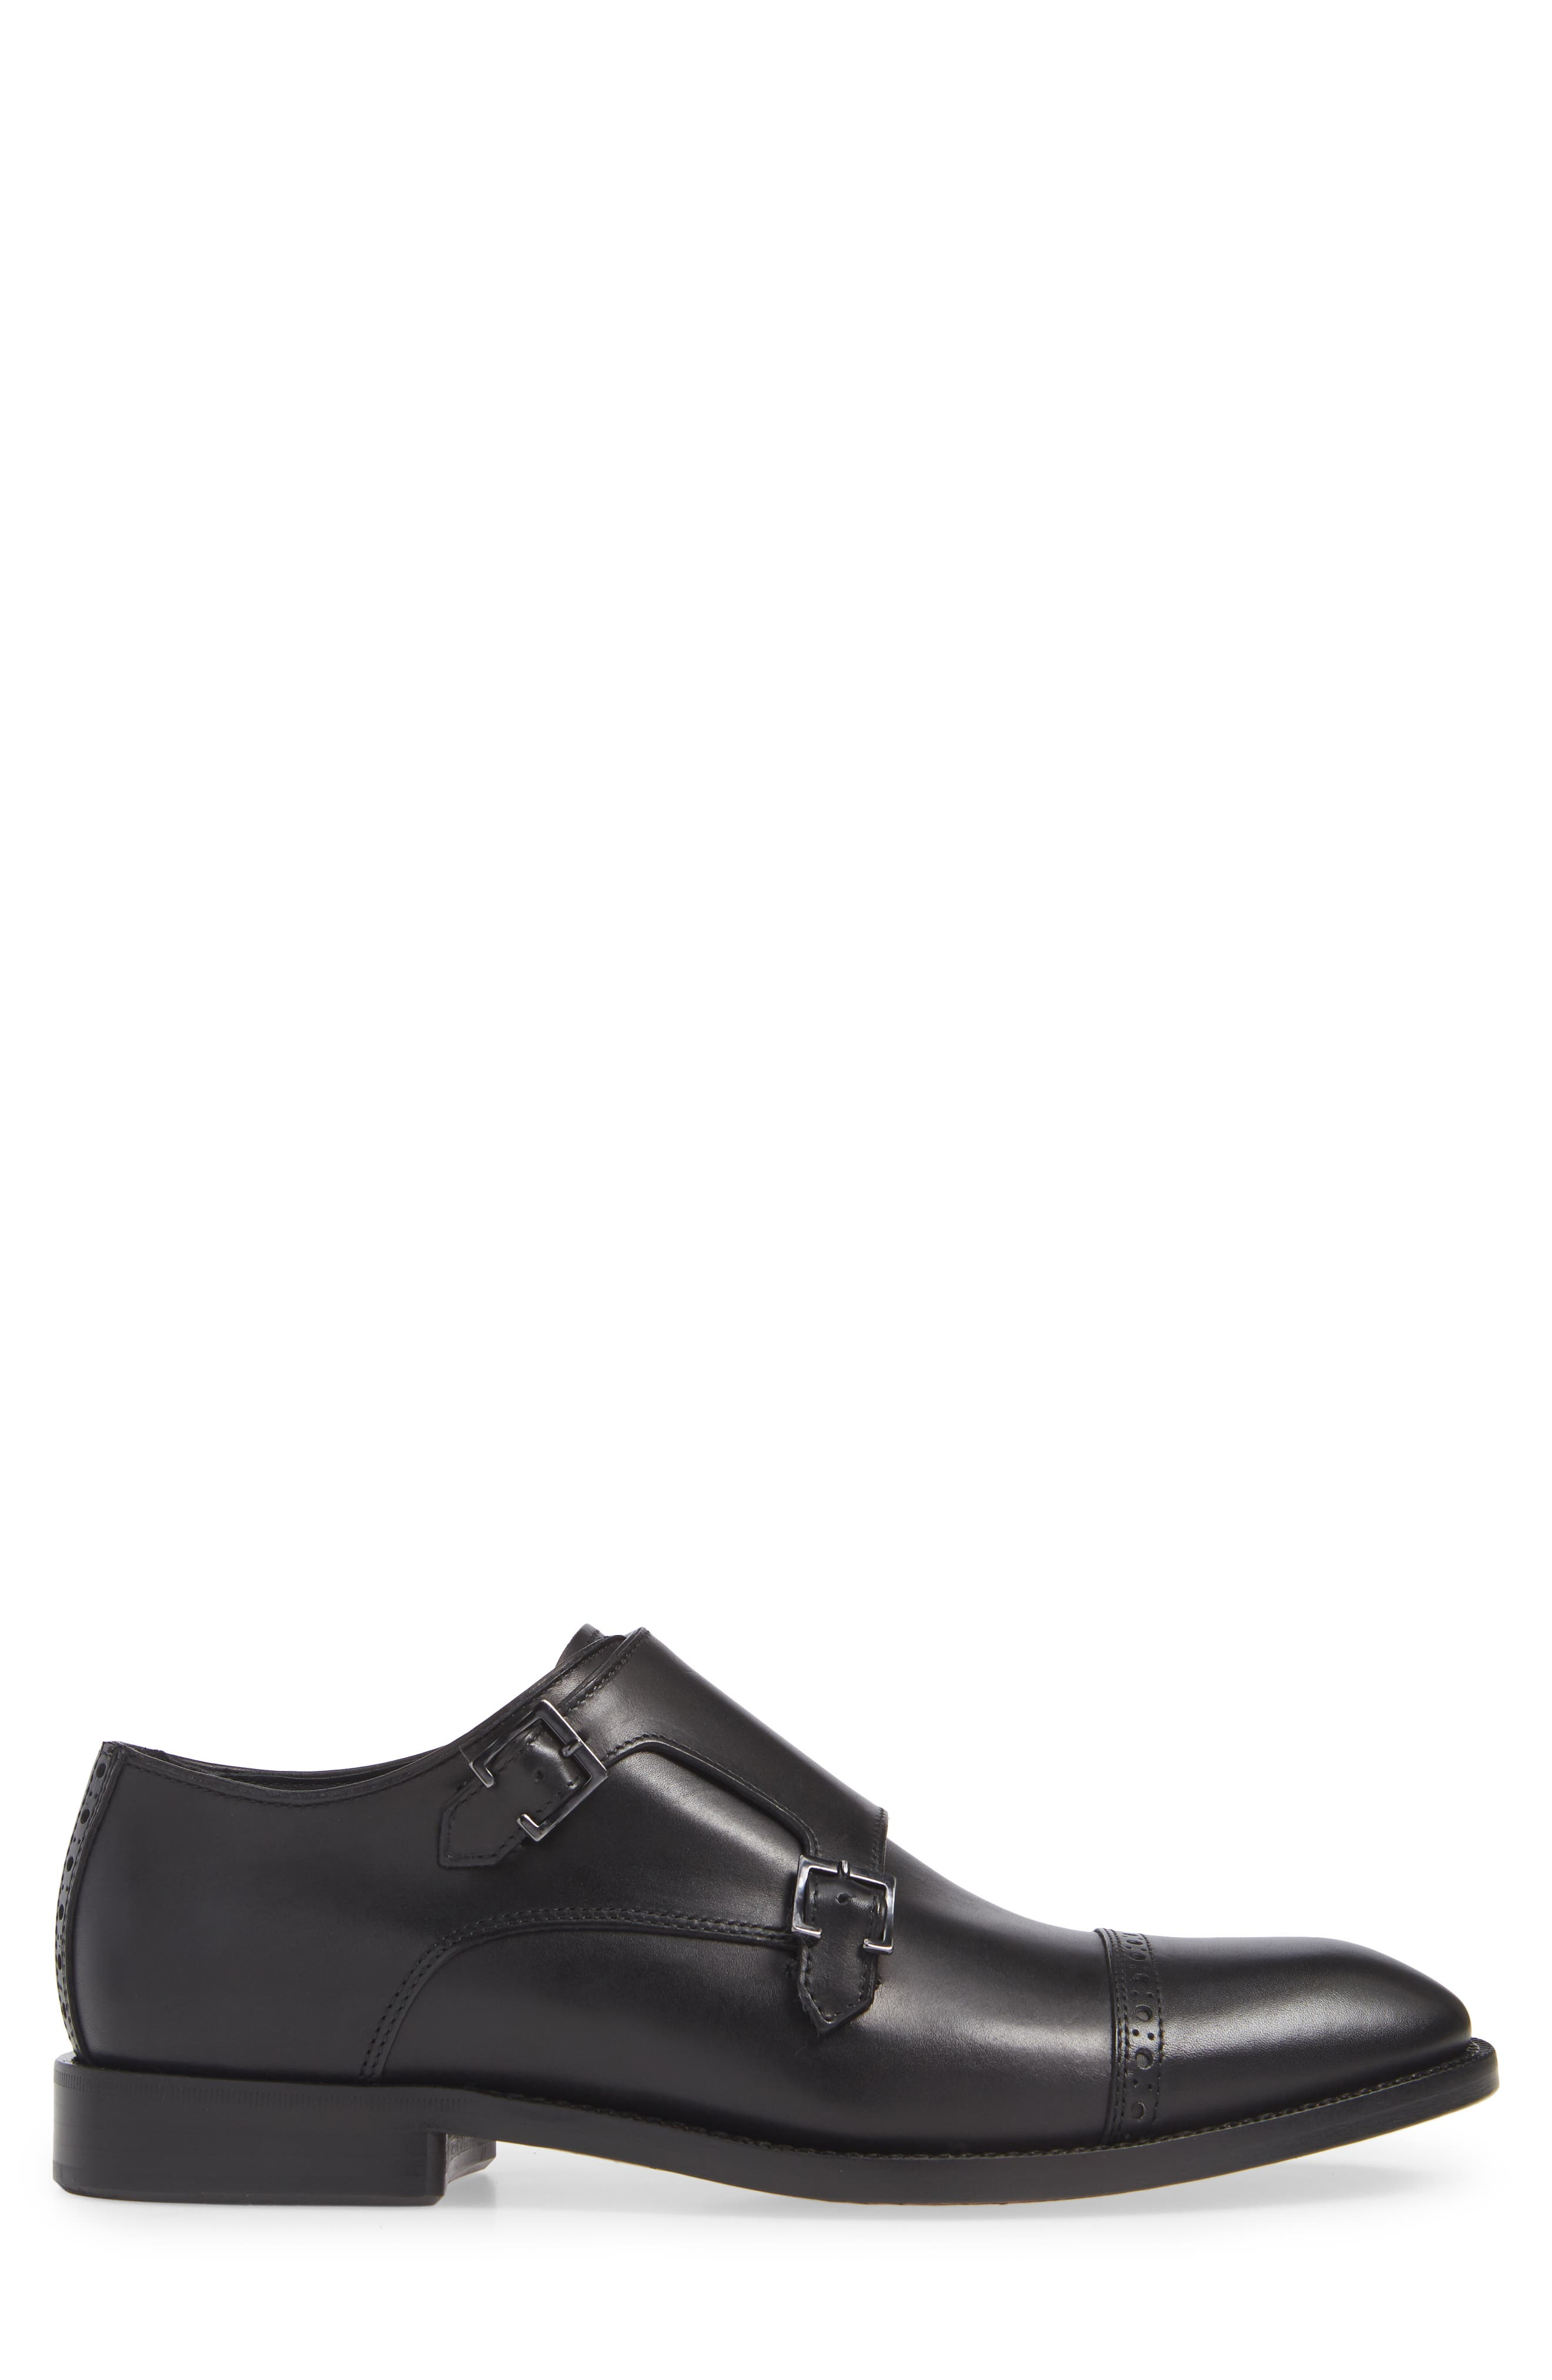 Caravaggio Double Monk Strap Shoe,                             Alternate thumbnail 3, color,                             BLACK LEATHER